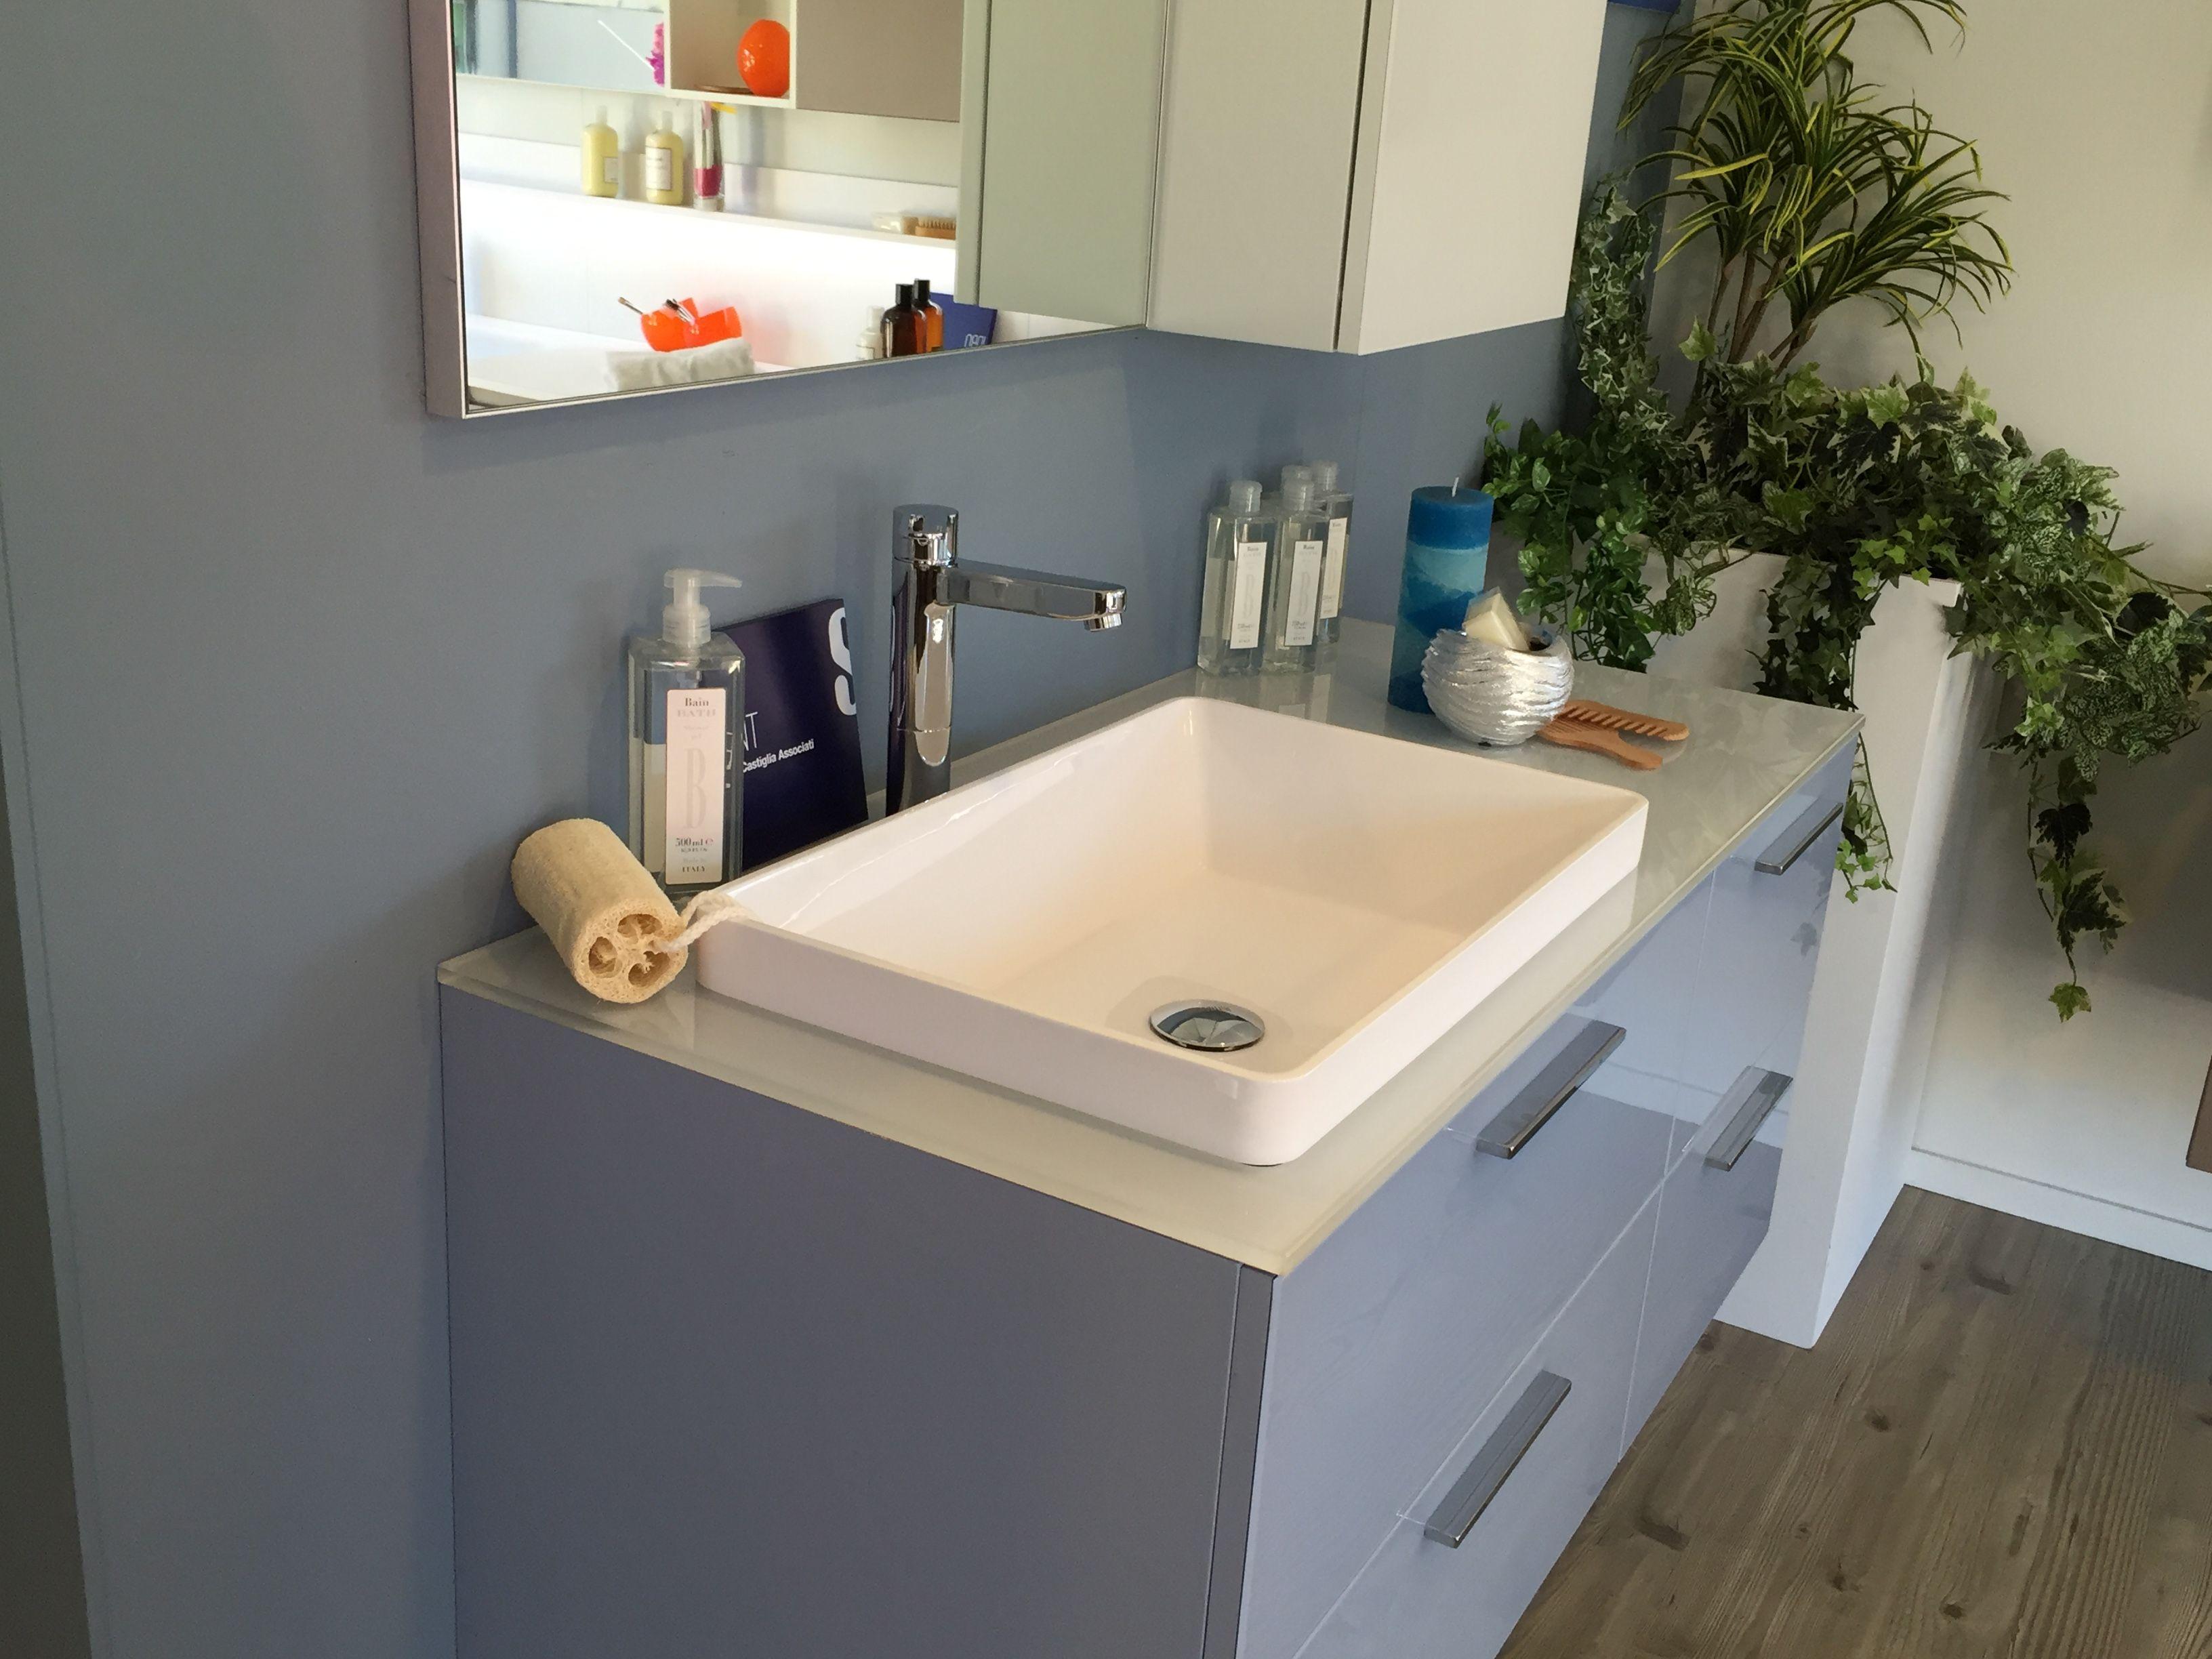 Scavolini Bagno ~ Bagno scavolini modello font anta vetro lucido colore azzurro